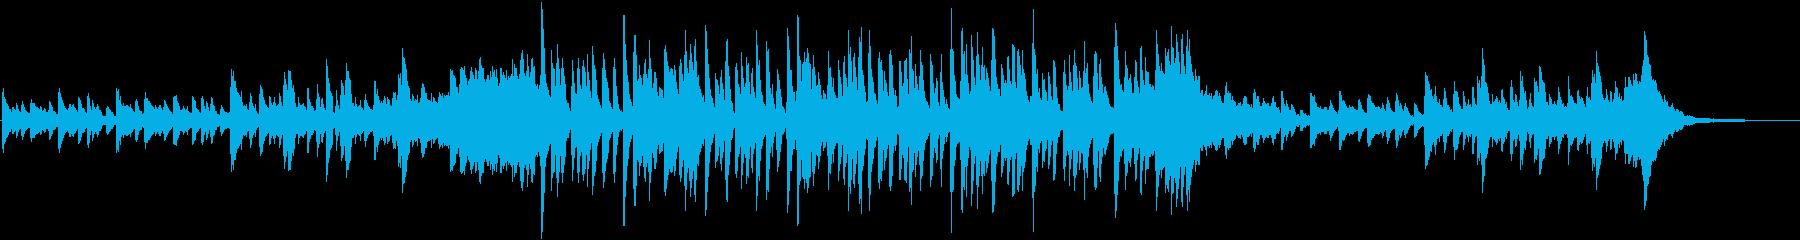 ピアノが爽やかなドラマチックBGMの再生済みの波形